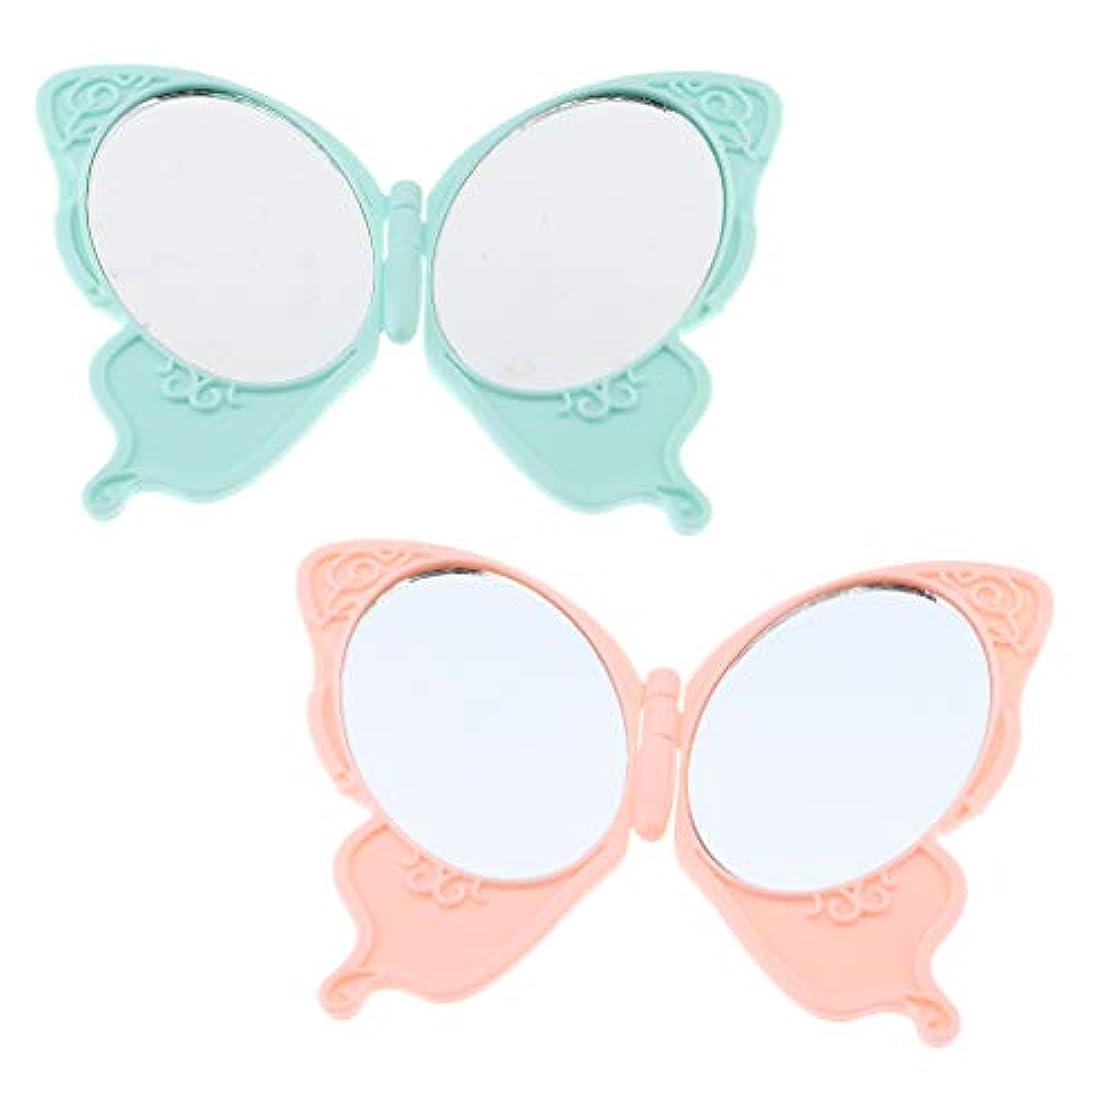 デンプシーフリル怠な2個 メイクアップミラー 蝶の形 折り畳み 化粧鏡 化粧品